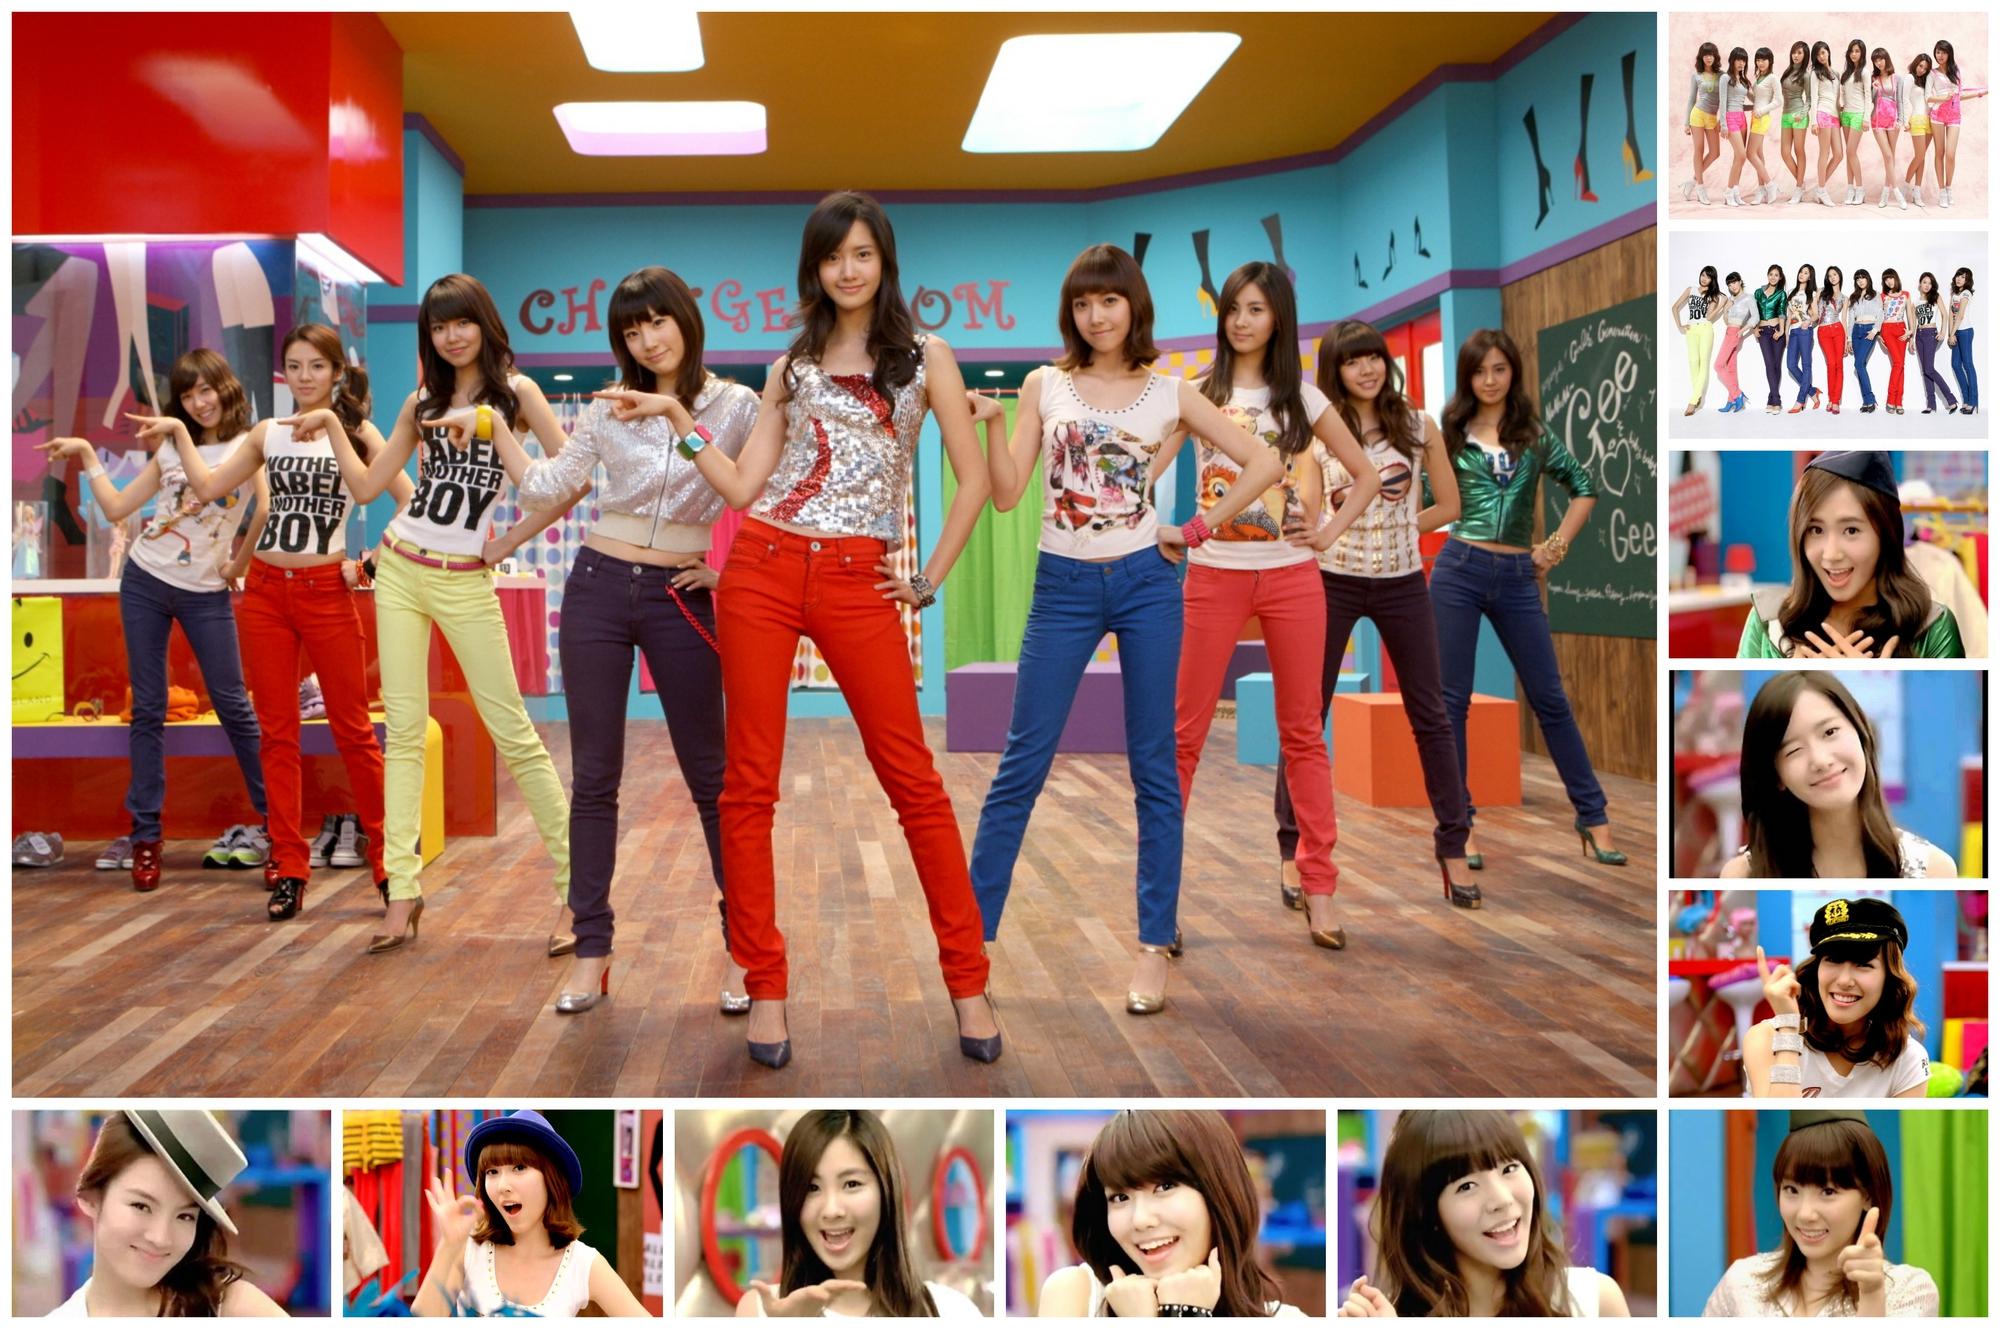 Thời trang trong MV của Chi Pu: là chơi lố hay phong cách màu mè có chủ đích rõ ràng? - Ảnh 4.